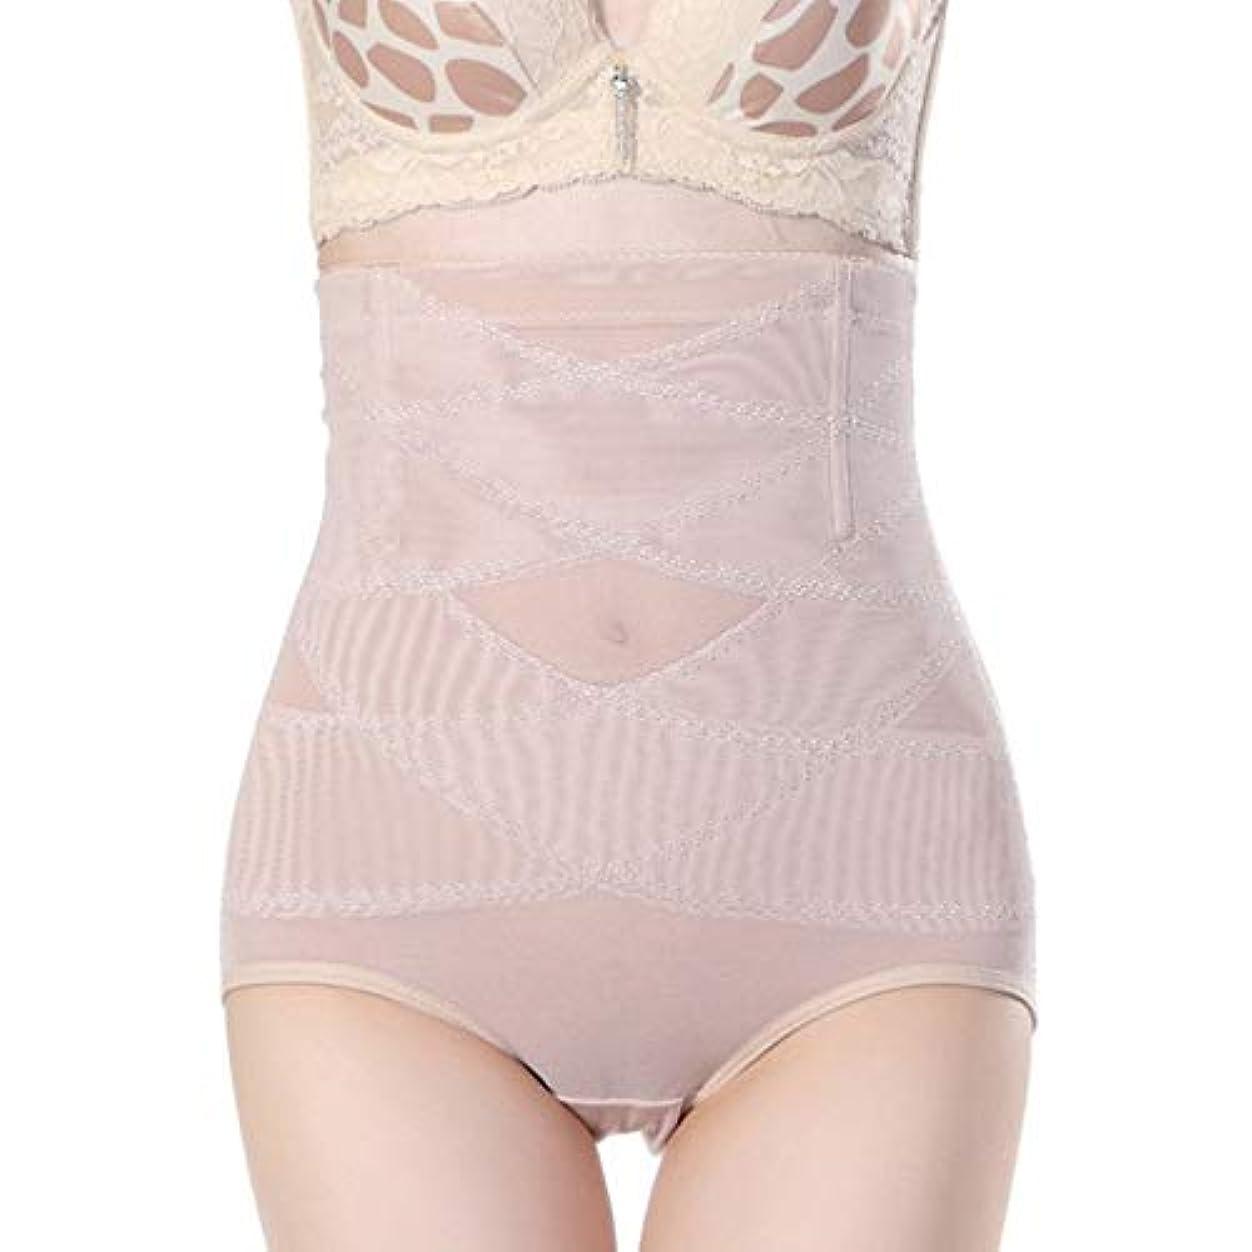 フラグラント高い悪化する腹部制御下着シームレスおなかコントロールパンティーバットリフターボディシェイパーを痩身通気性のハイウエストの女性 - 肌色2 XL